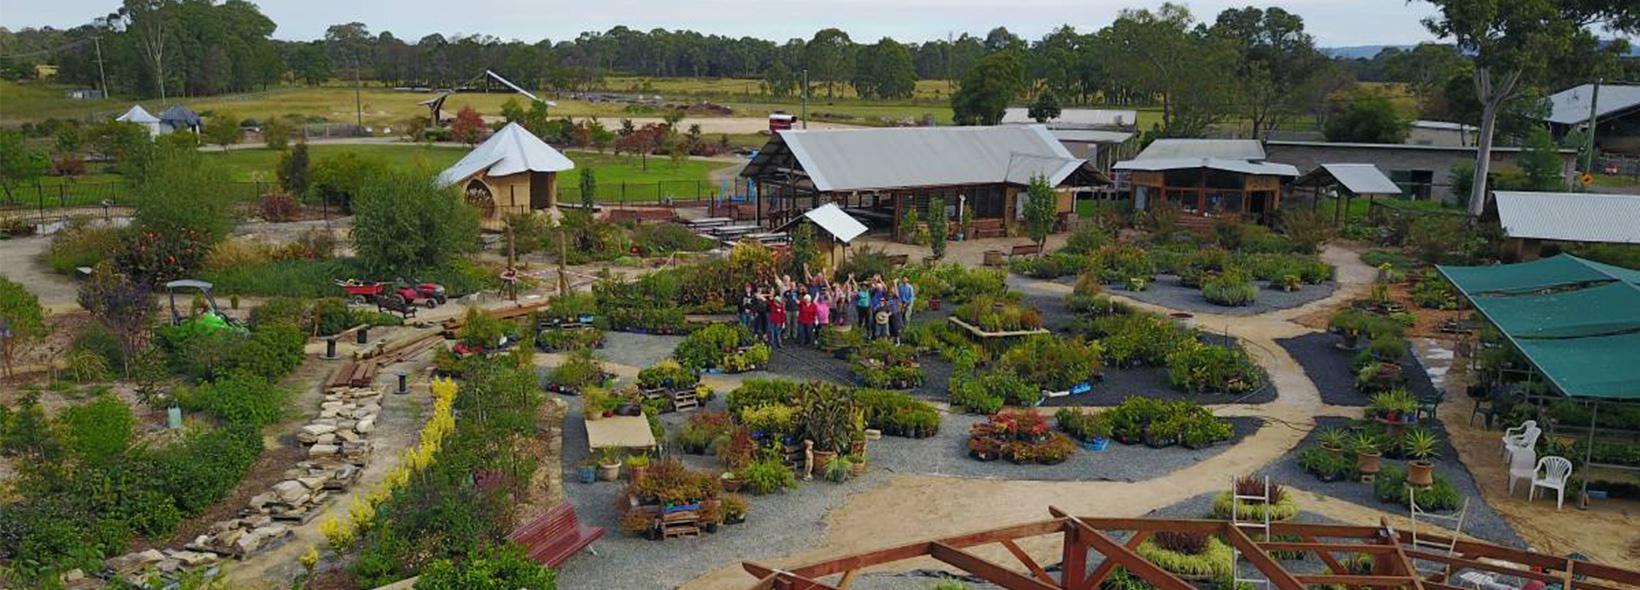 Visit to NWDS Secret Garden